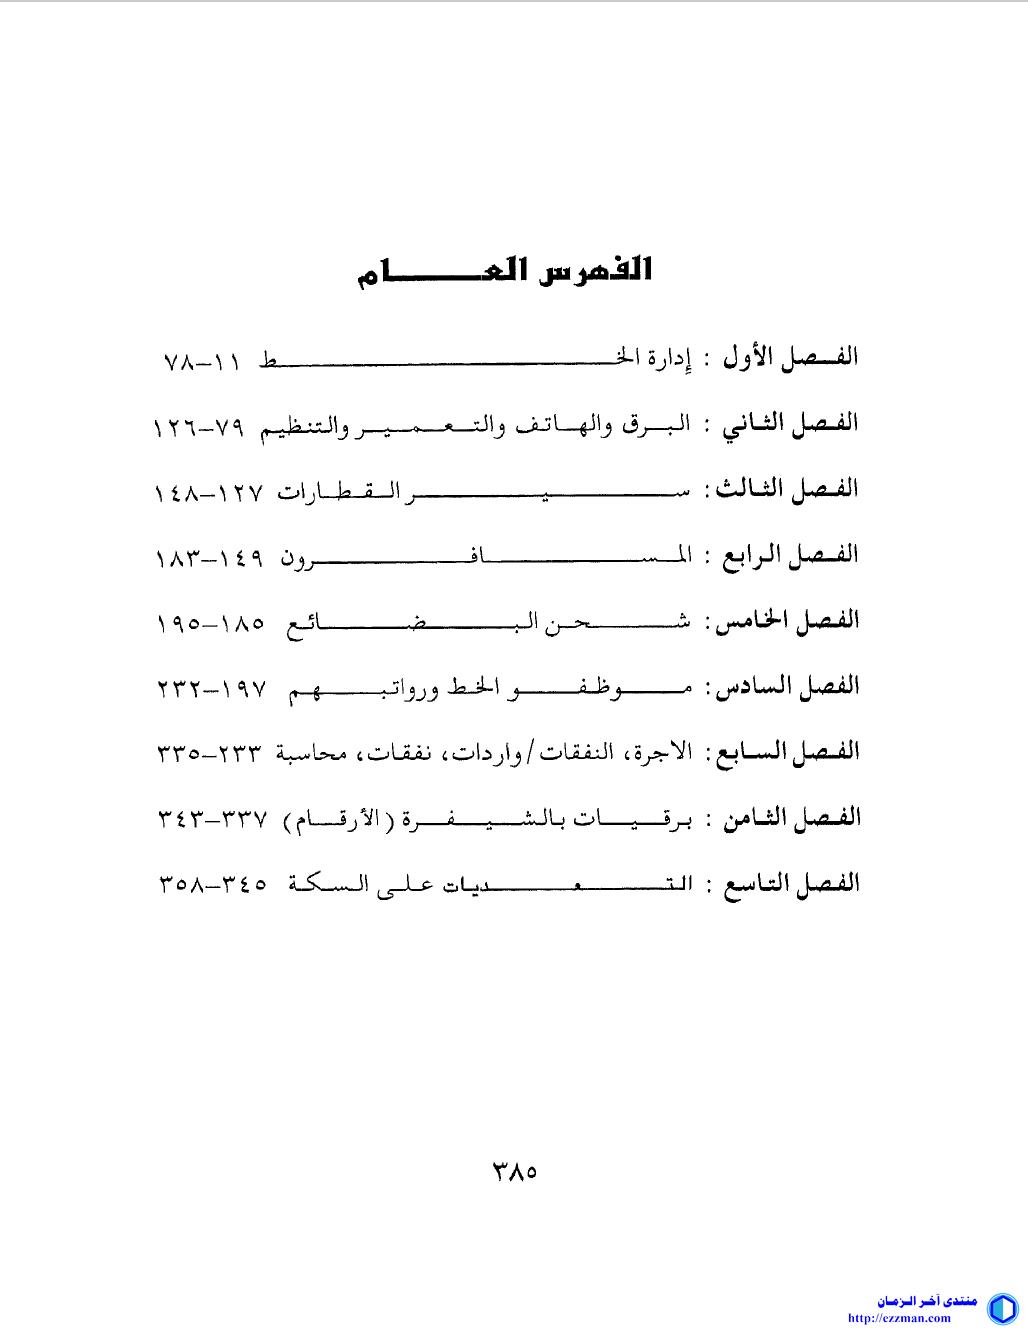 الوثائق الهاشمية أوراق الحسين الخط